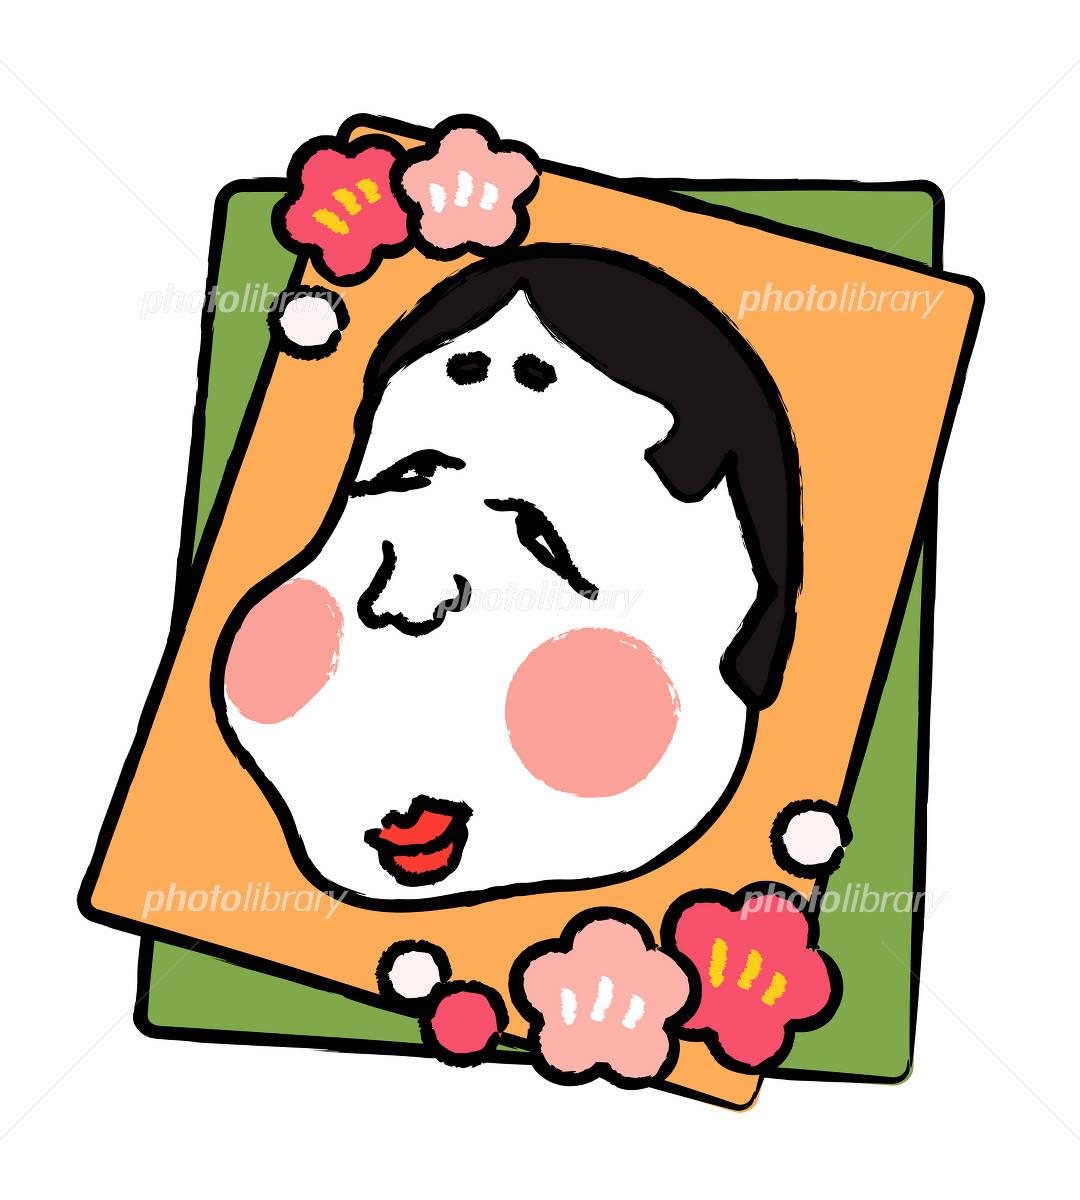 福笑い イラスト素材 801708 フォトライブラリー Photolibrary